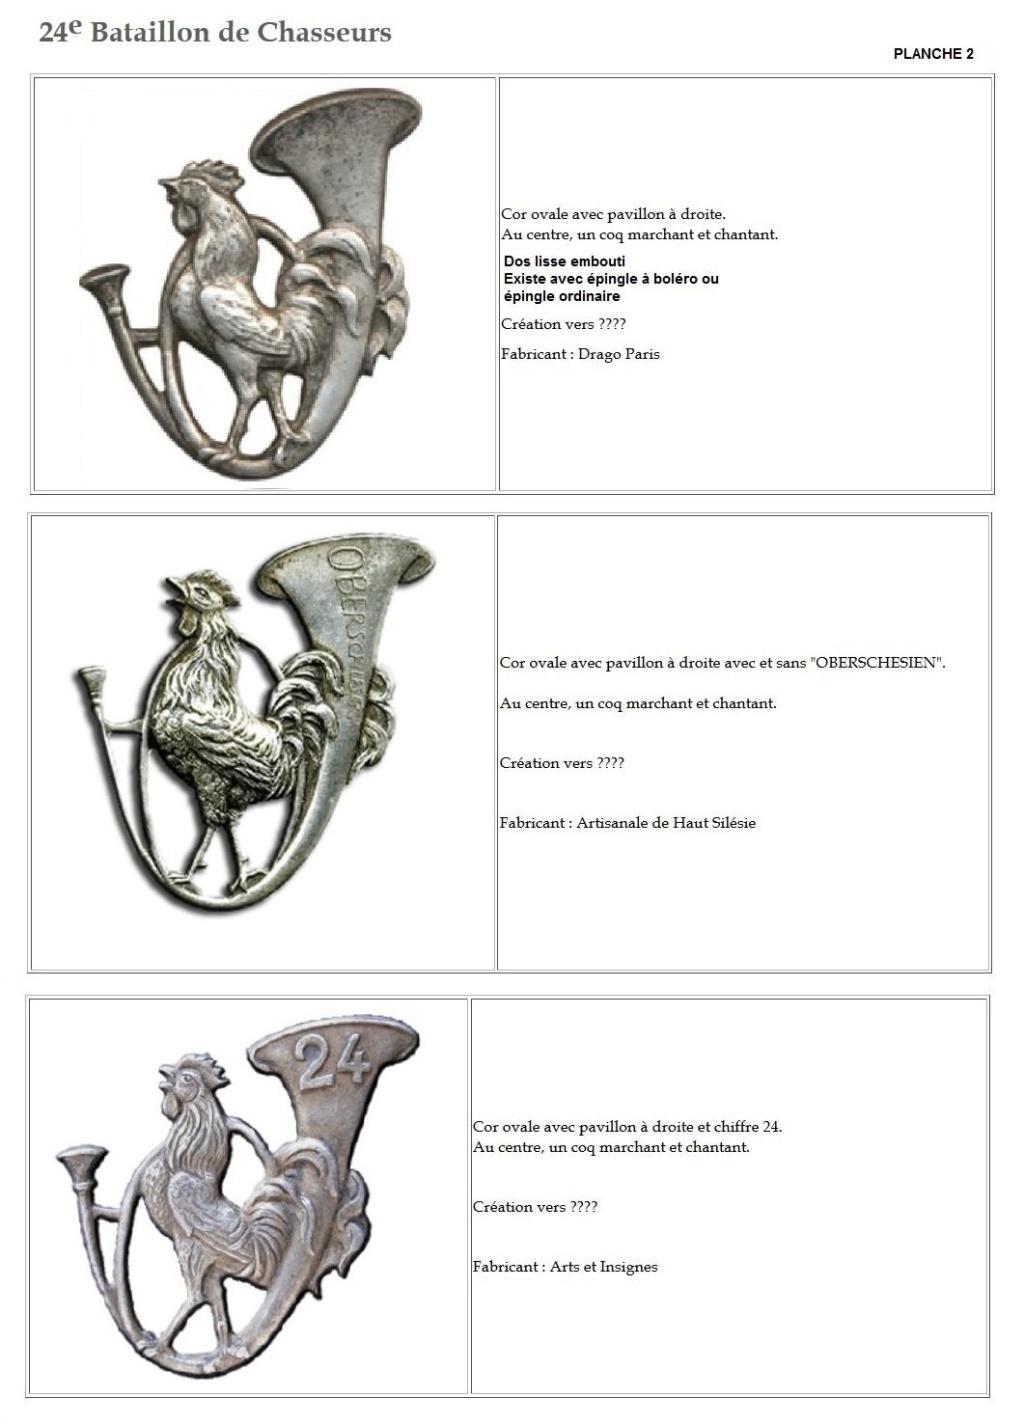 Les insignes de bataillons- Mise à jour... - Page 2 24e_pl11